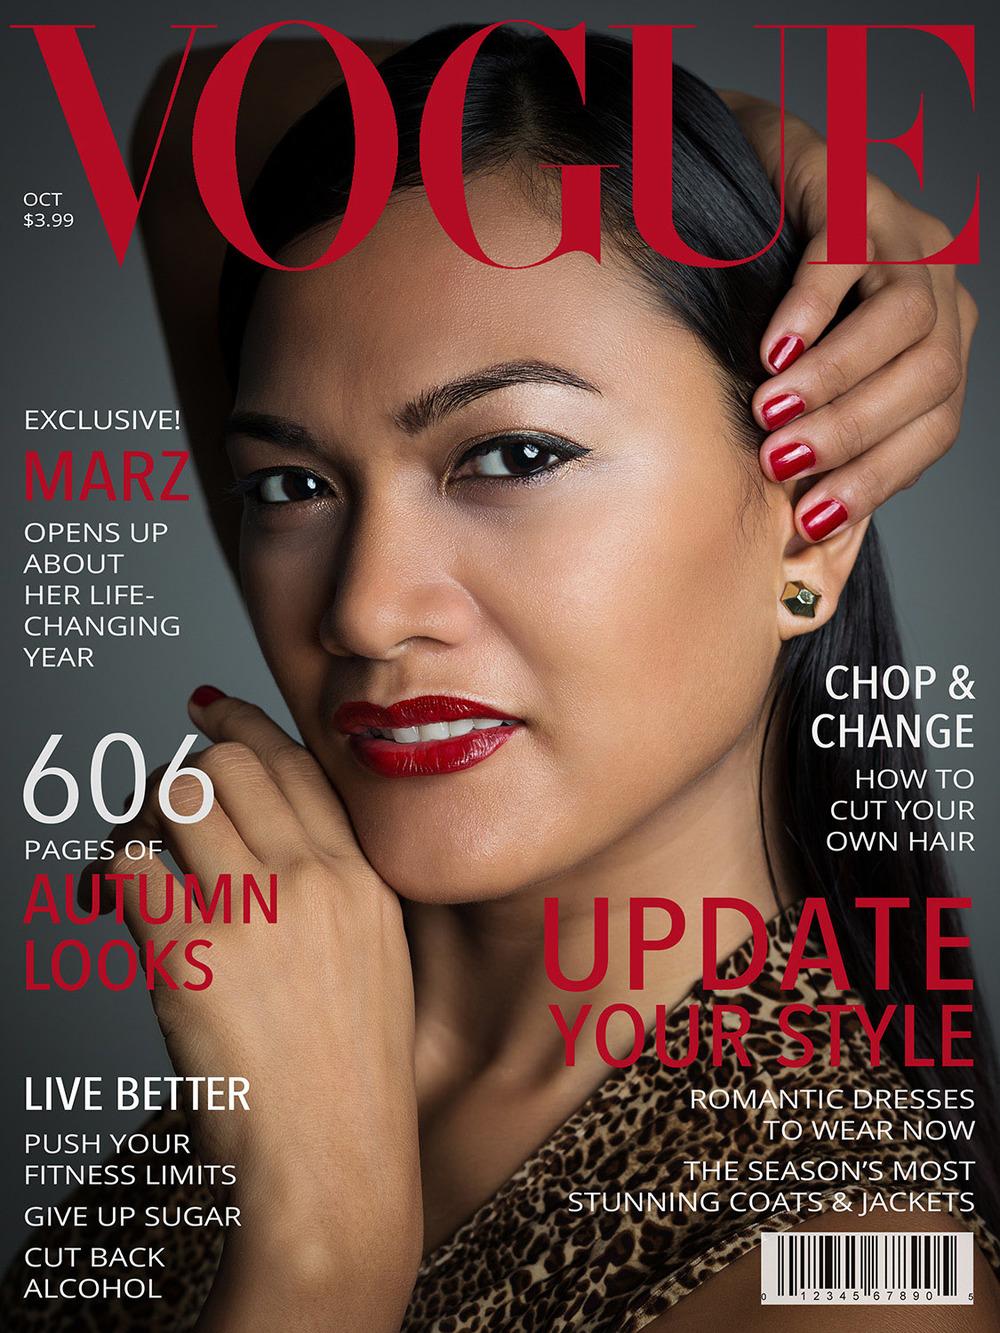 fictive Vogue cover page